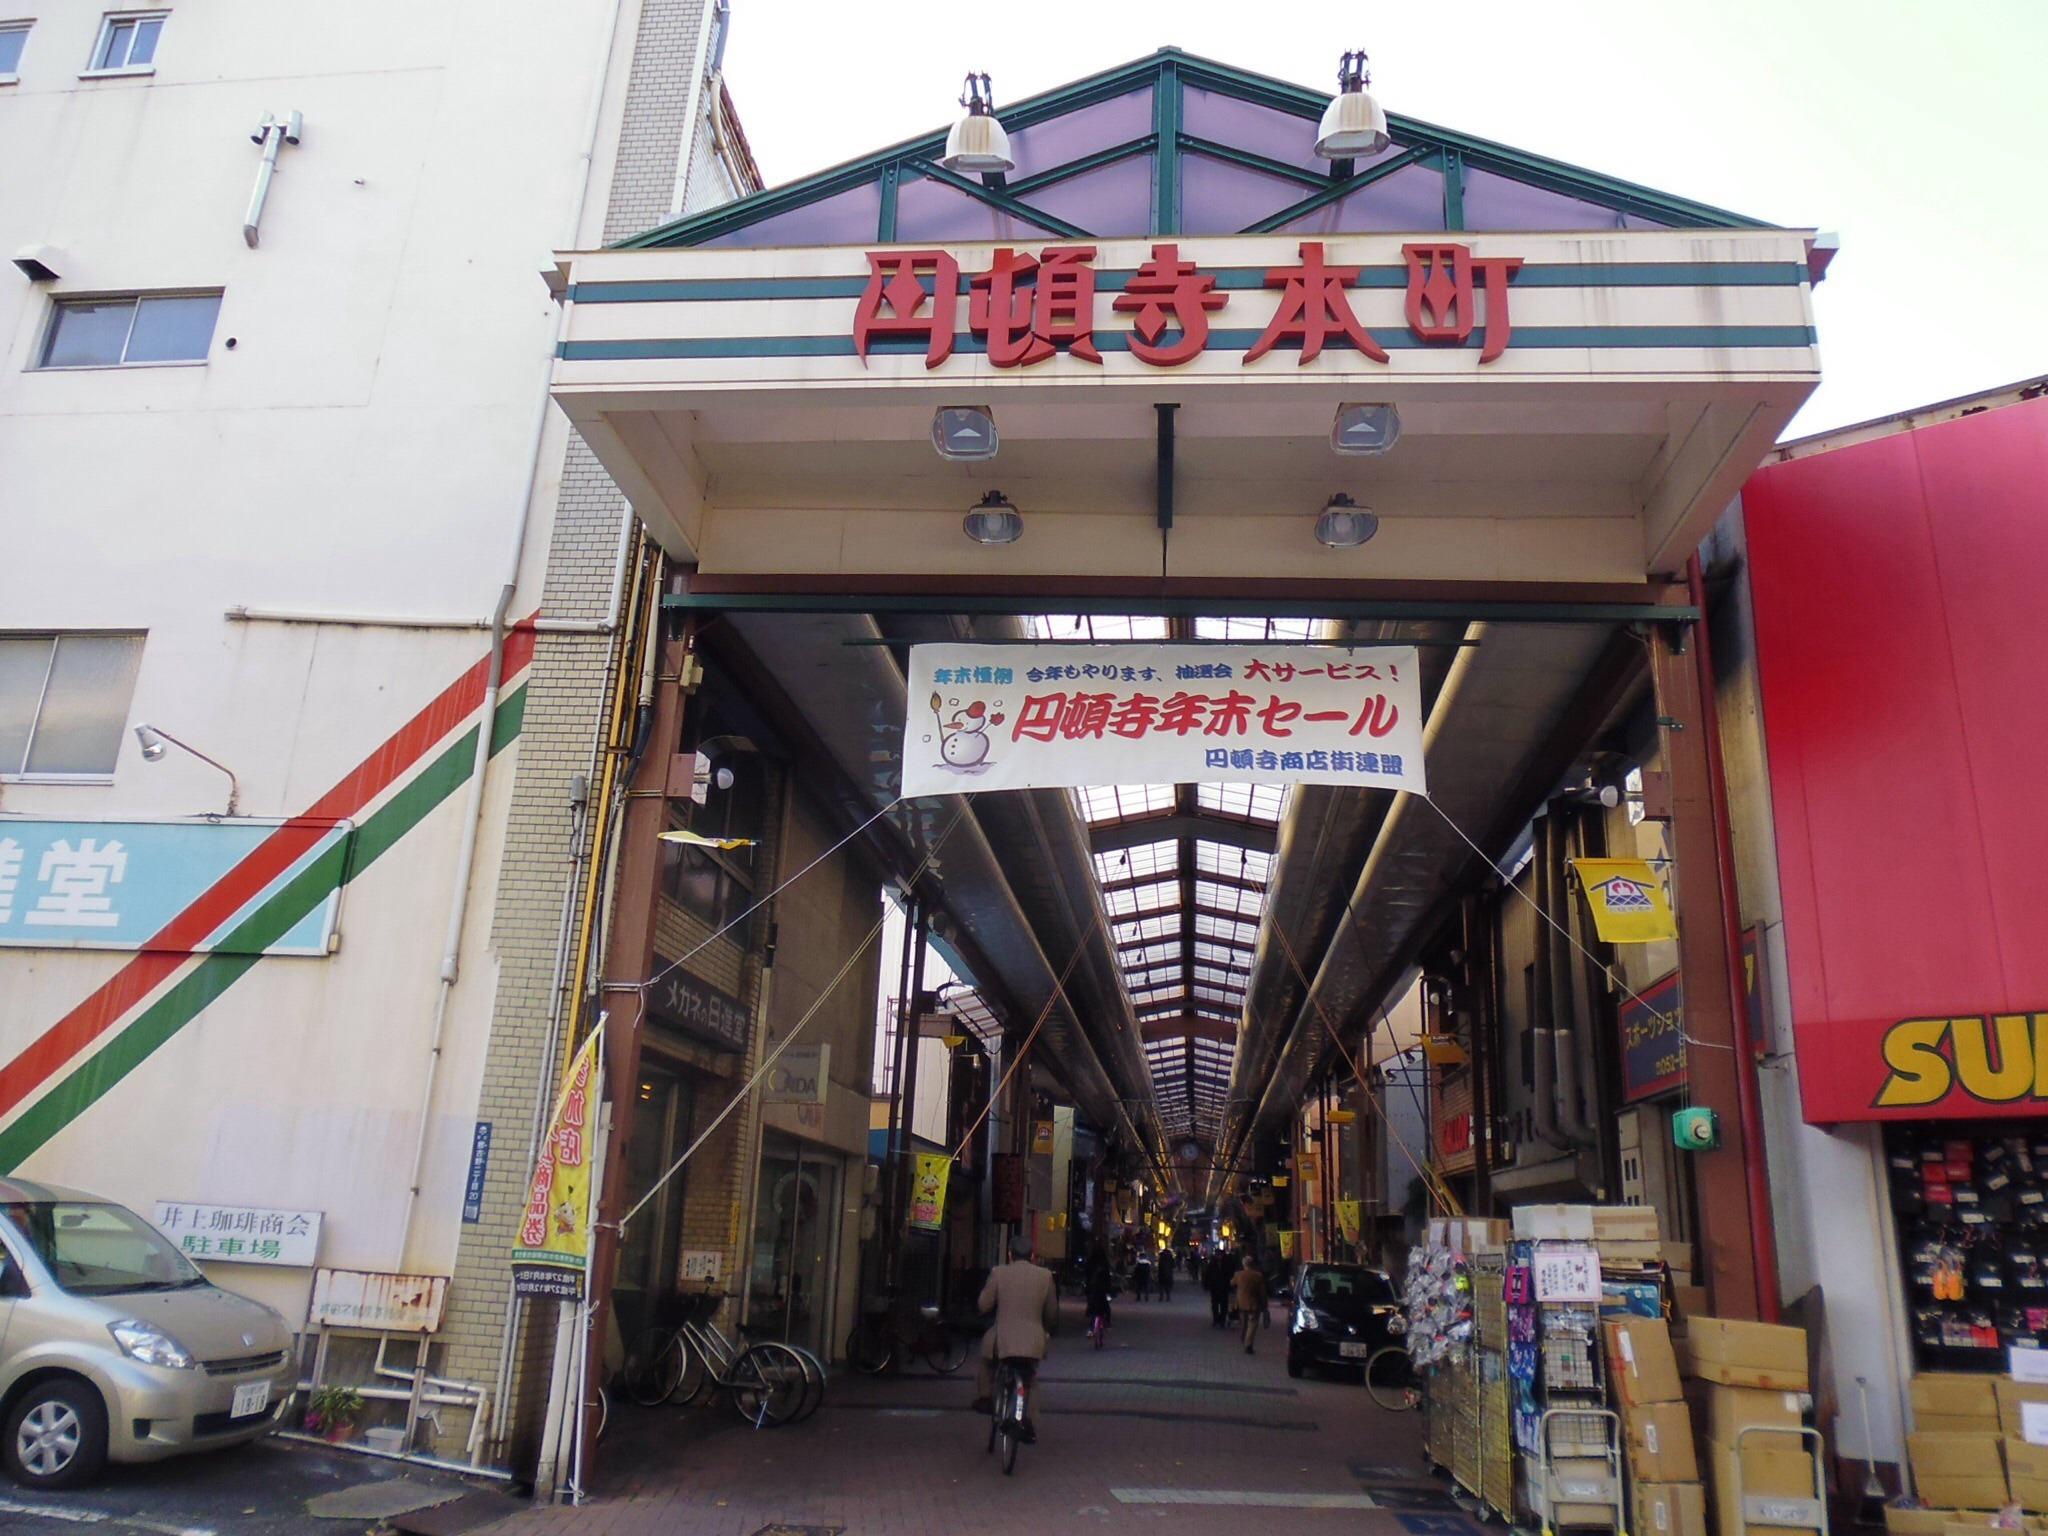 名古屋の昭和の代名詞・円頓寺商店街 3 - 昭和なスーパー研究會